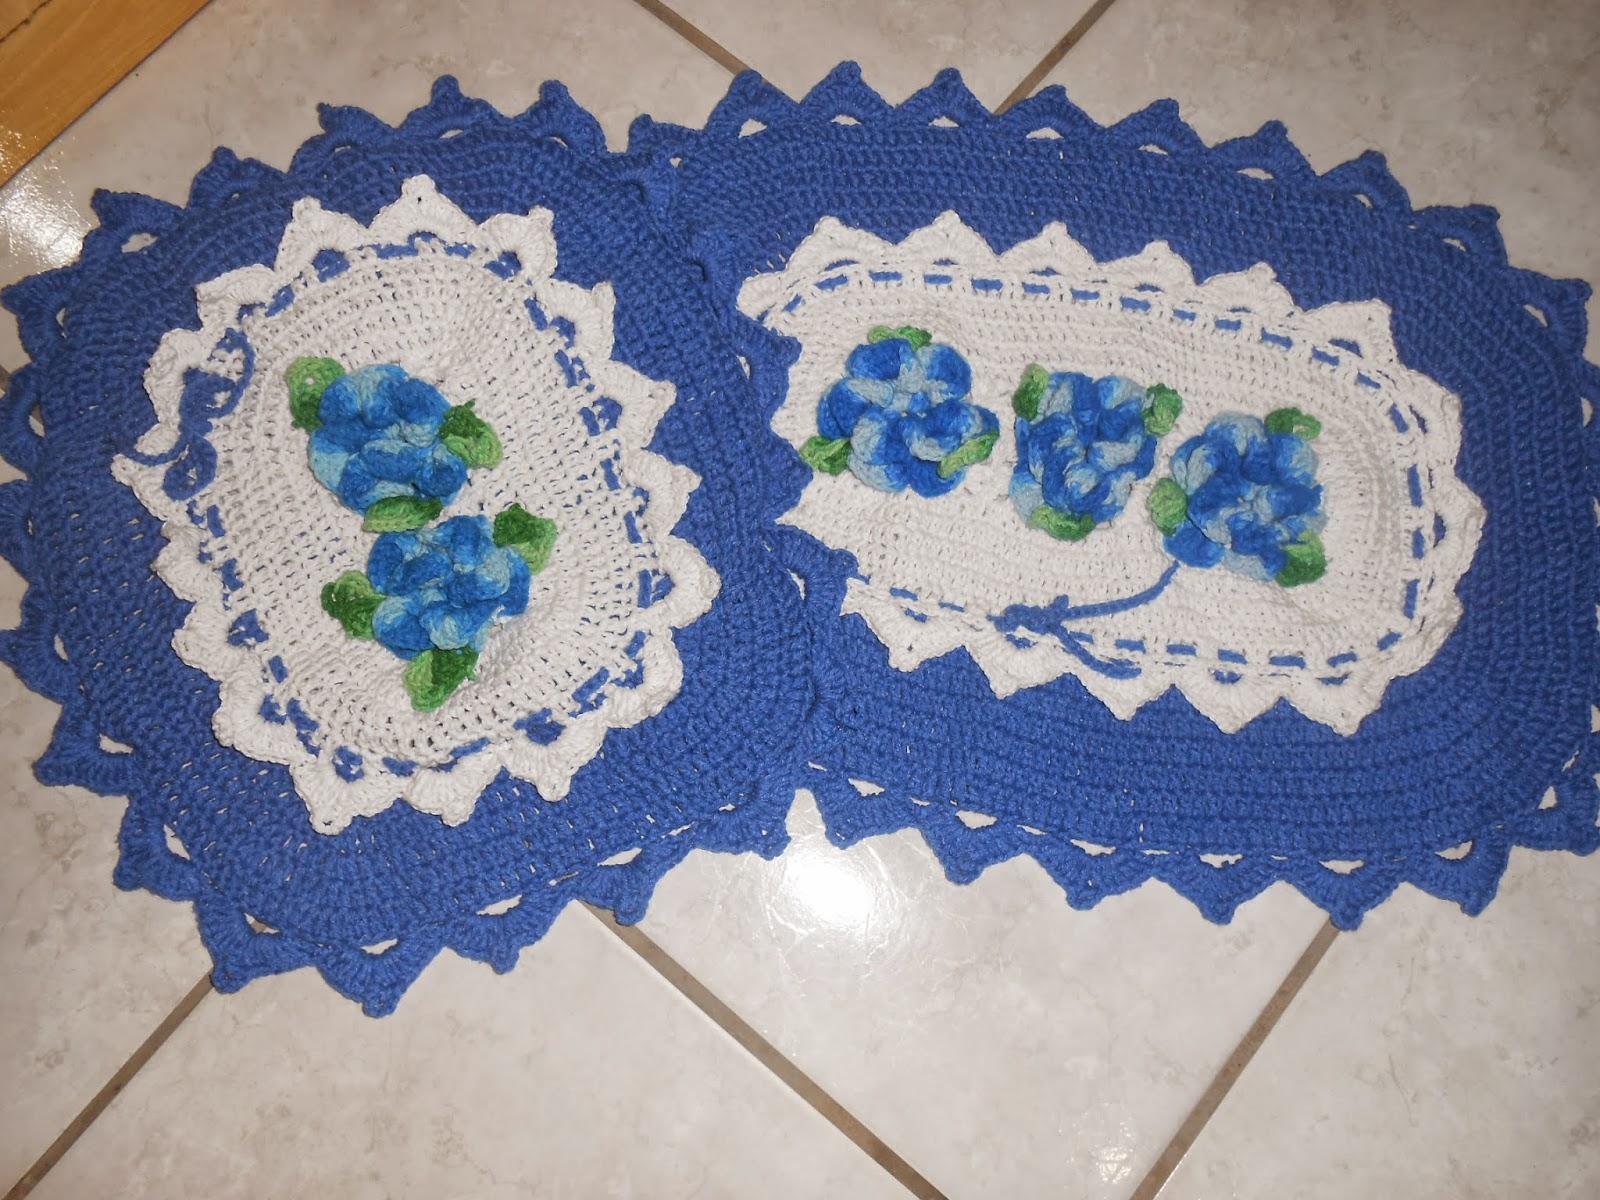 Jogo De Banheiro Azul Em Croche : Mimando minha casinha jogo de banheiro azul em croche